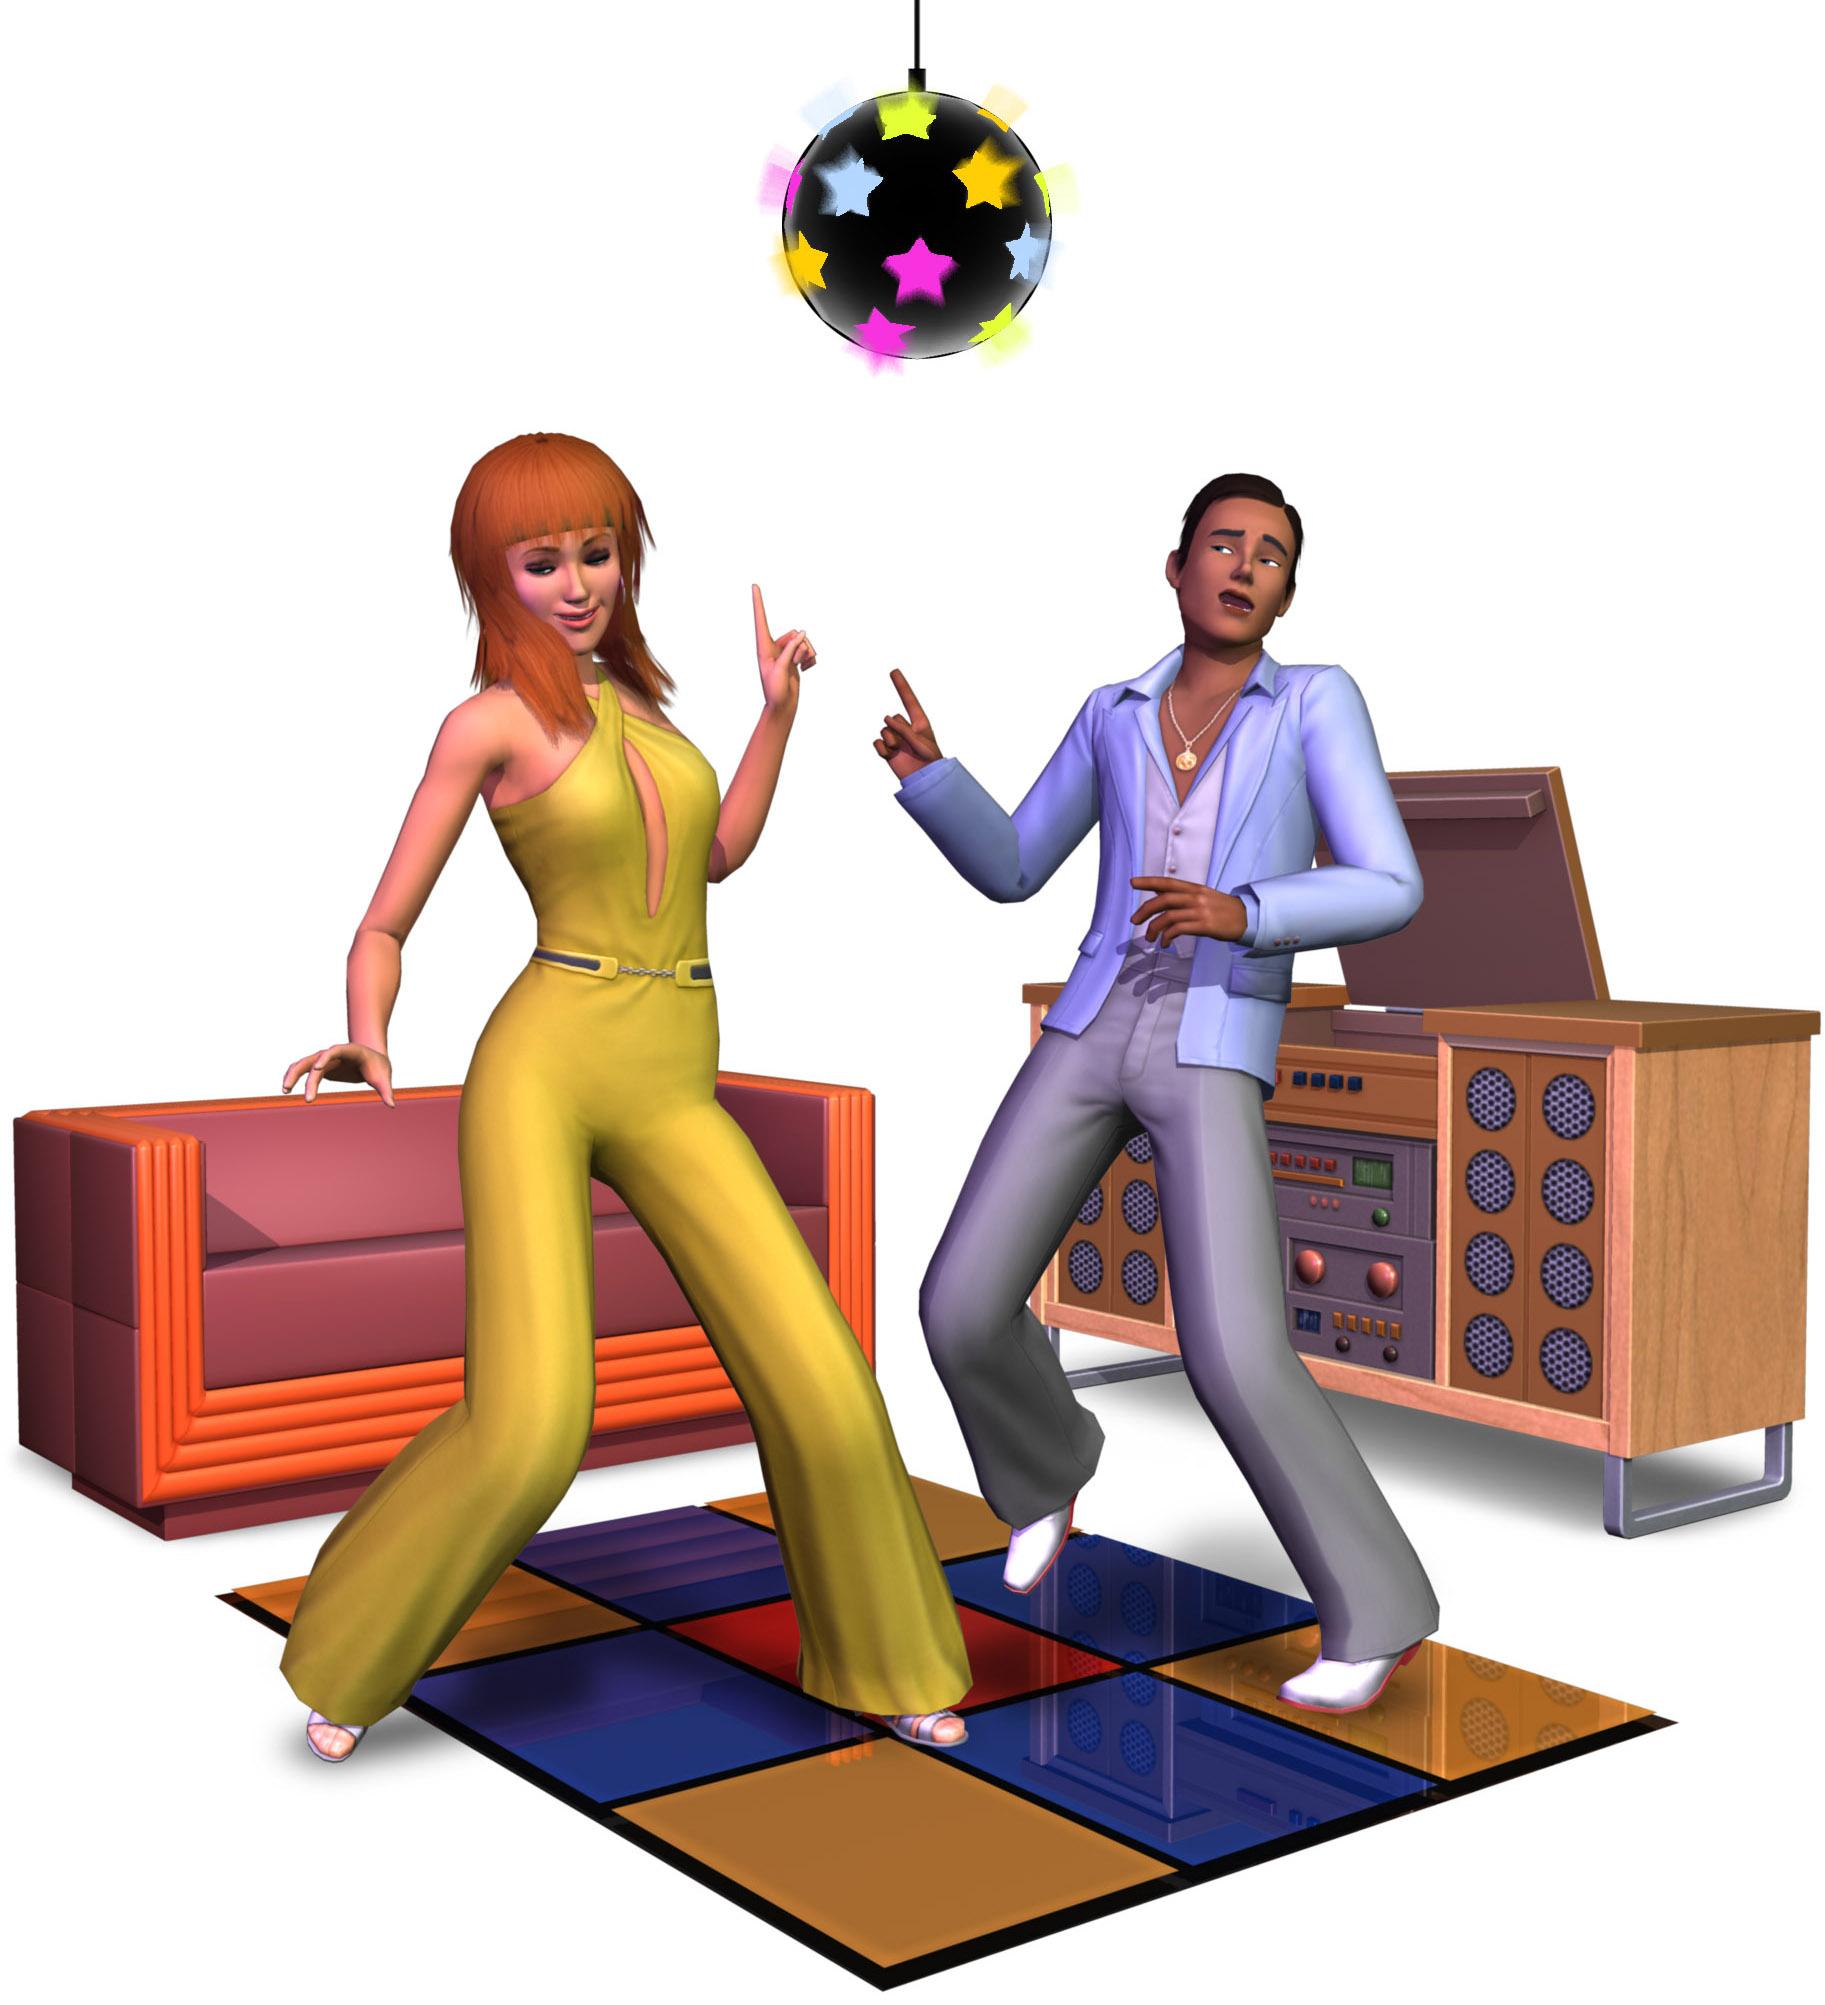 die sims 3 70er 80er 90er accessoires add on pc mac online code games. Black Bedroom Furniture Sets. Home Design Ideas